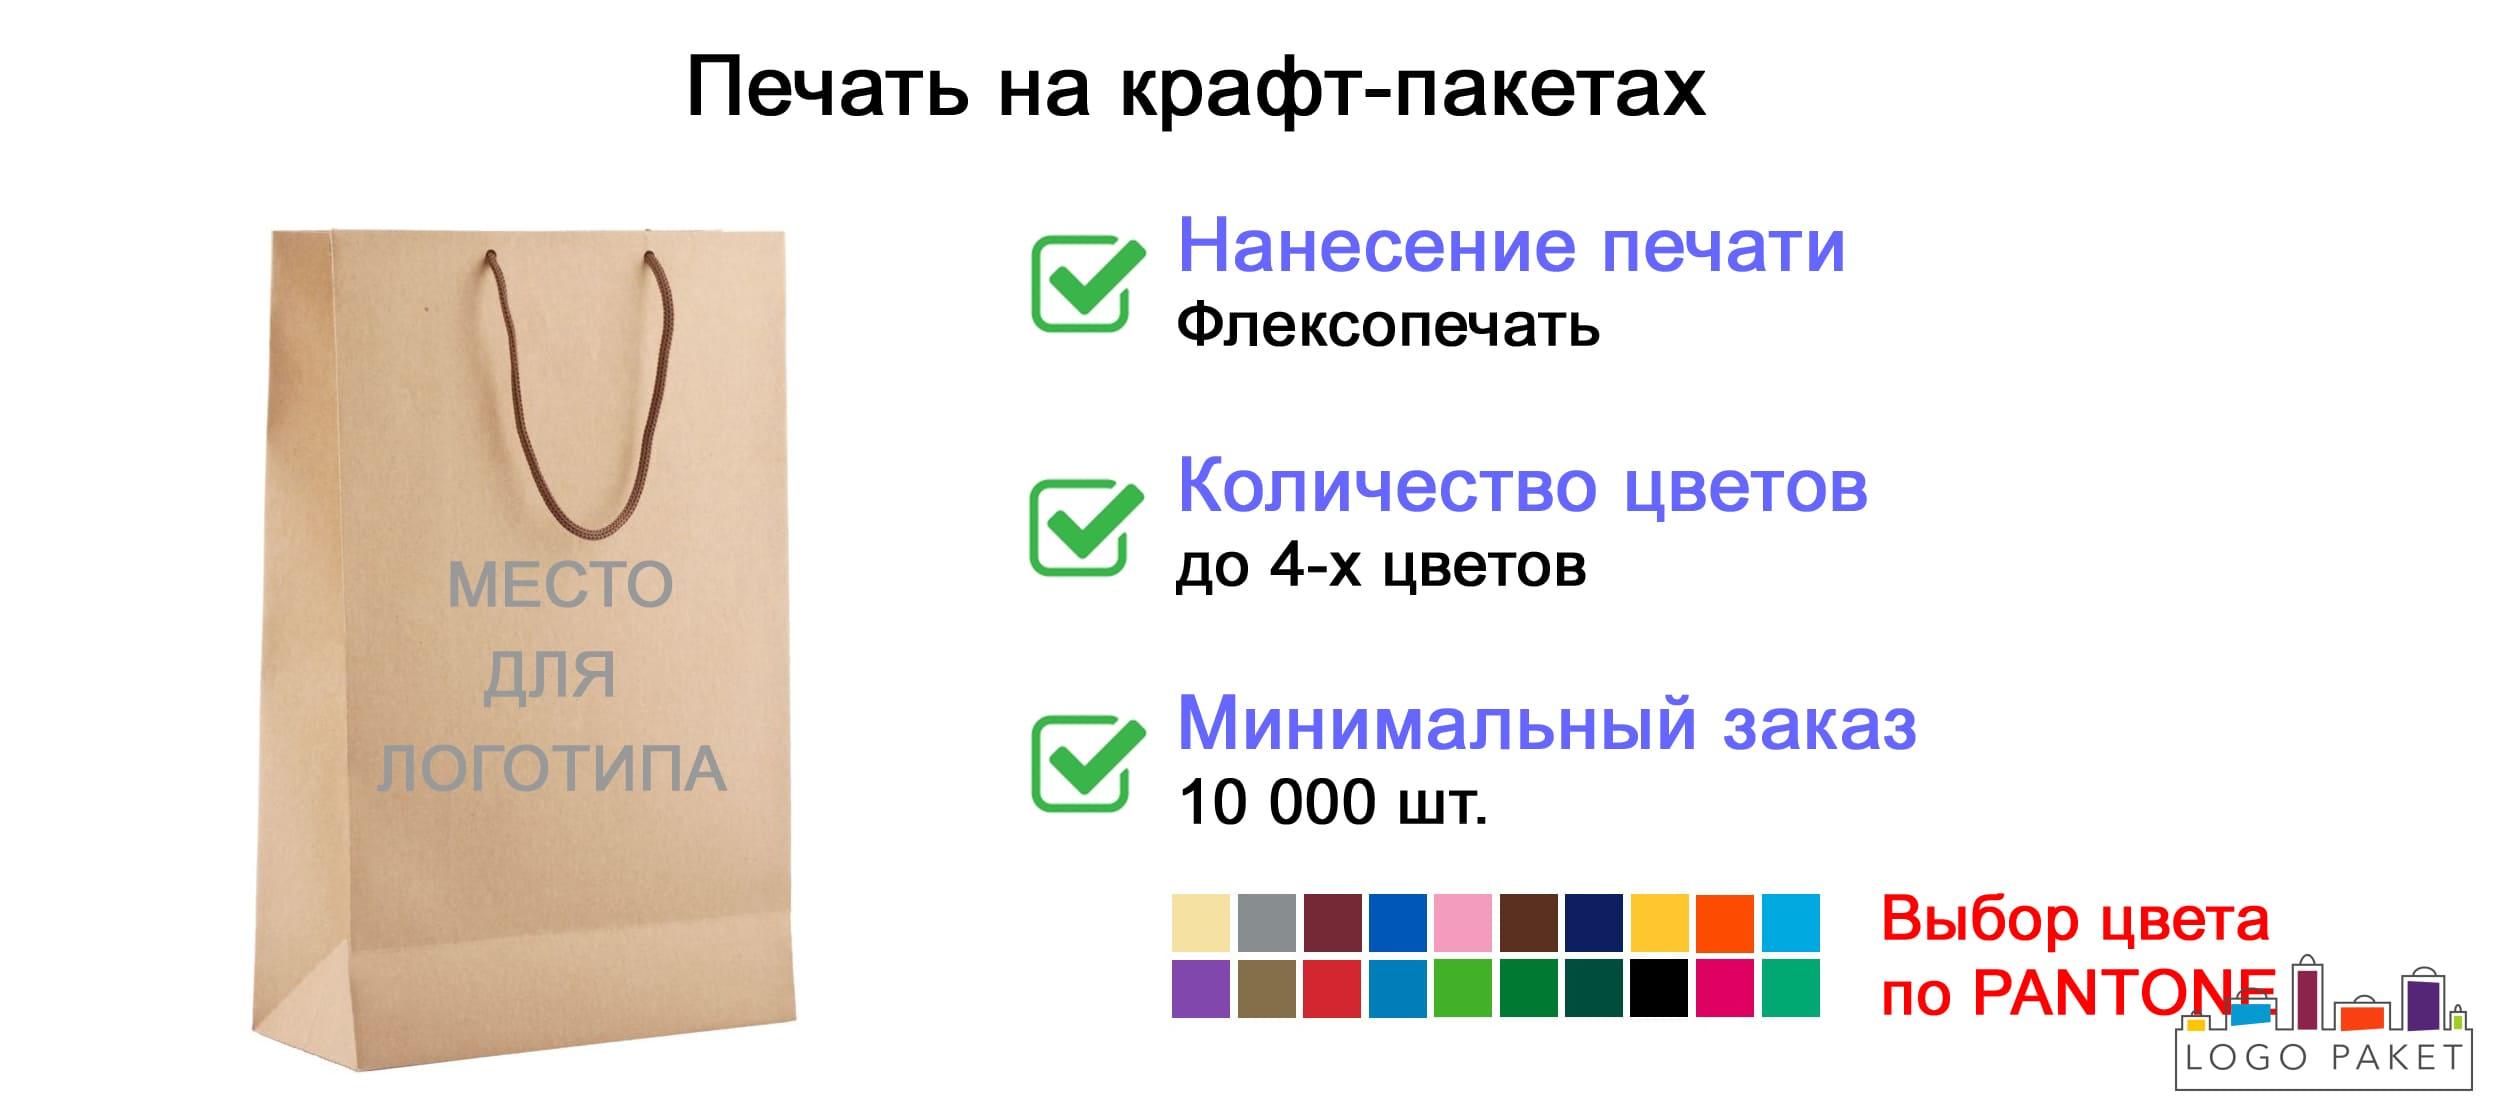 Печать на крафт-пакетах инфографика